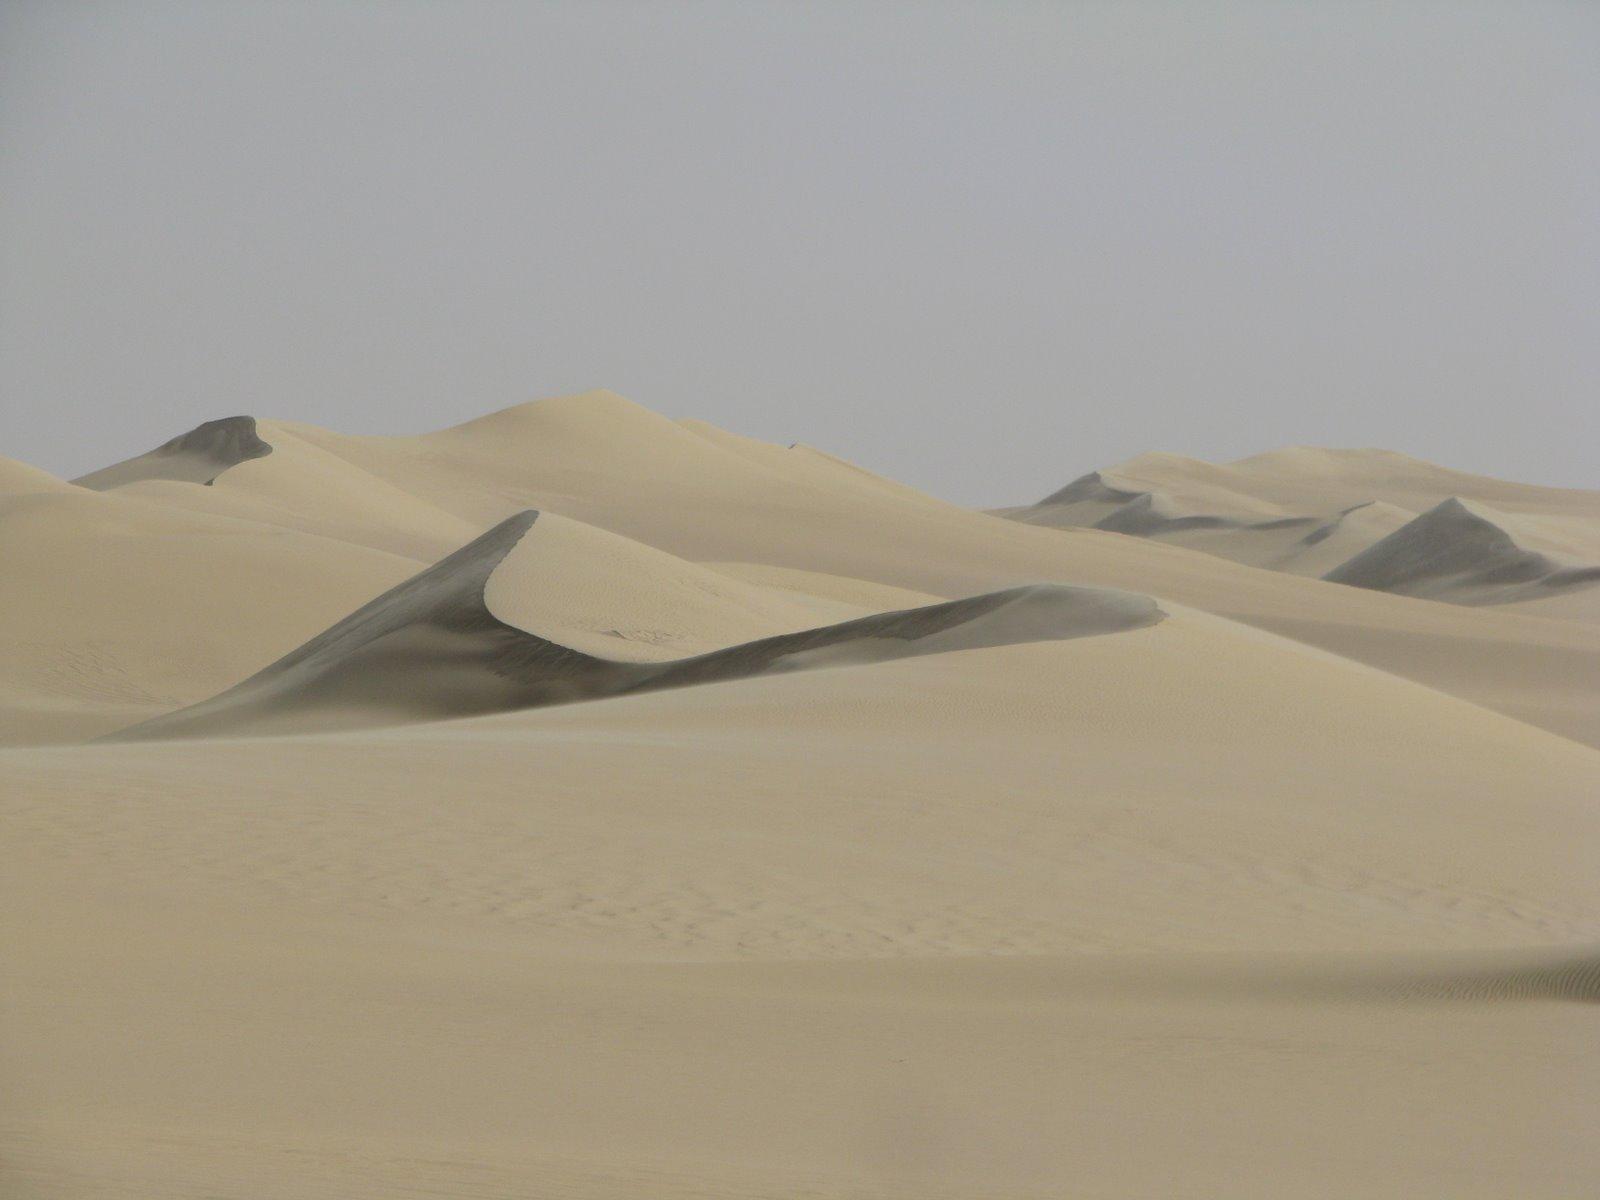 דיונה  - בטיול במדבר המערבי 1